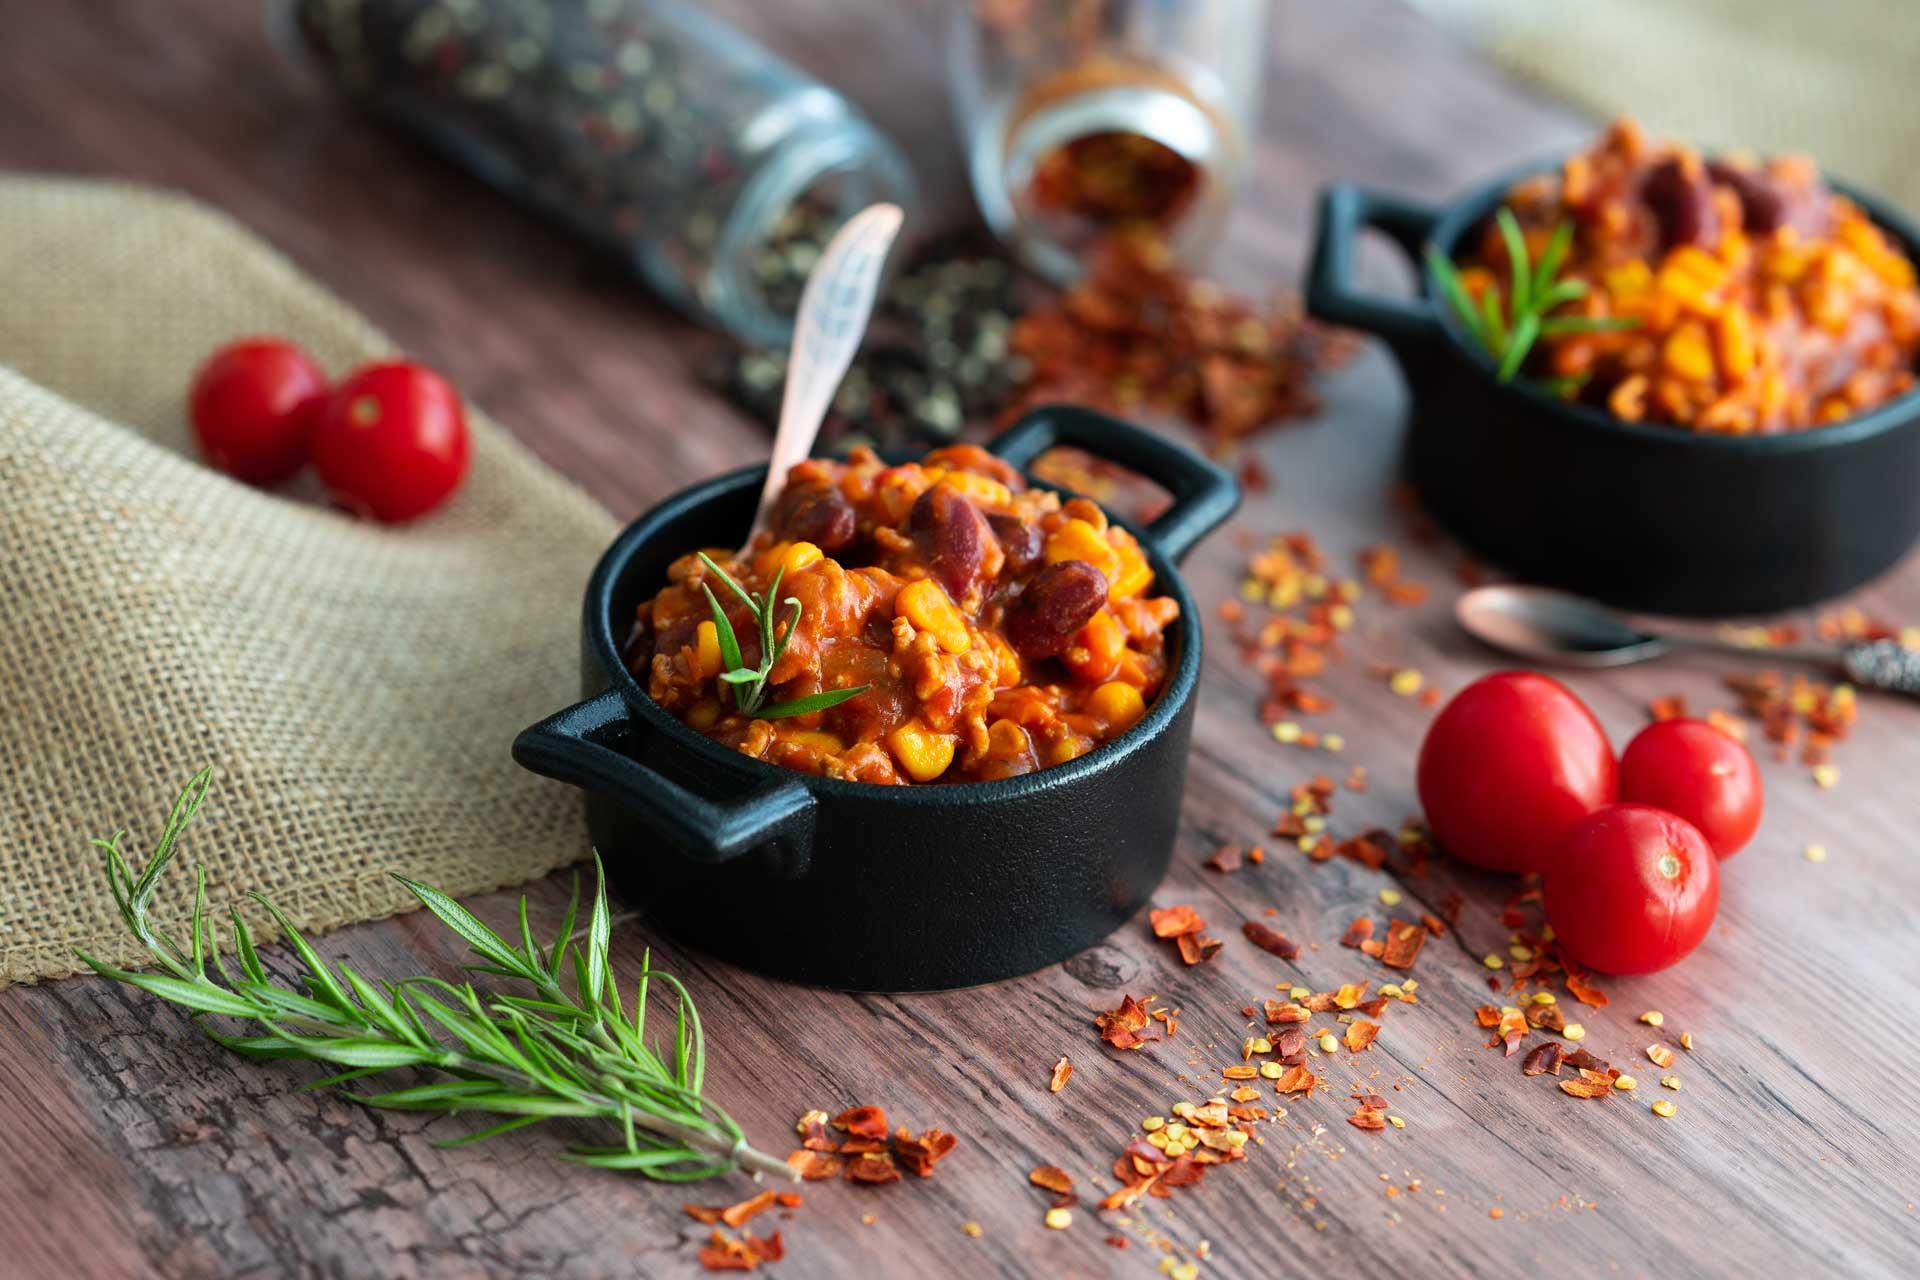 Chili con carne in kleinen Schüsserl, mit frischen Tomaten, Chiliflocken und Rosmarinzweigen